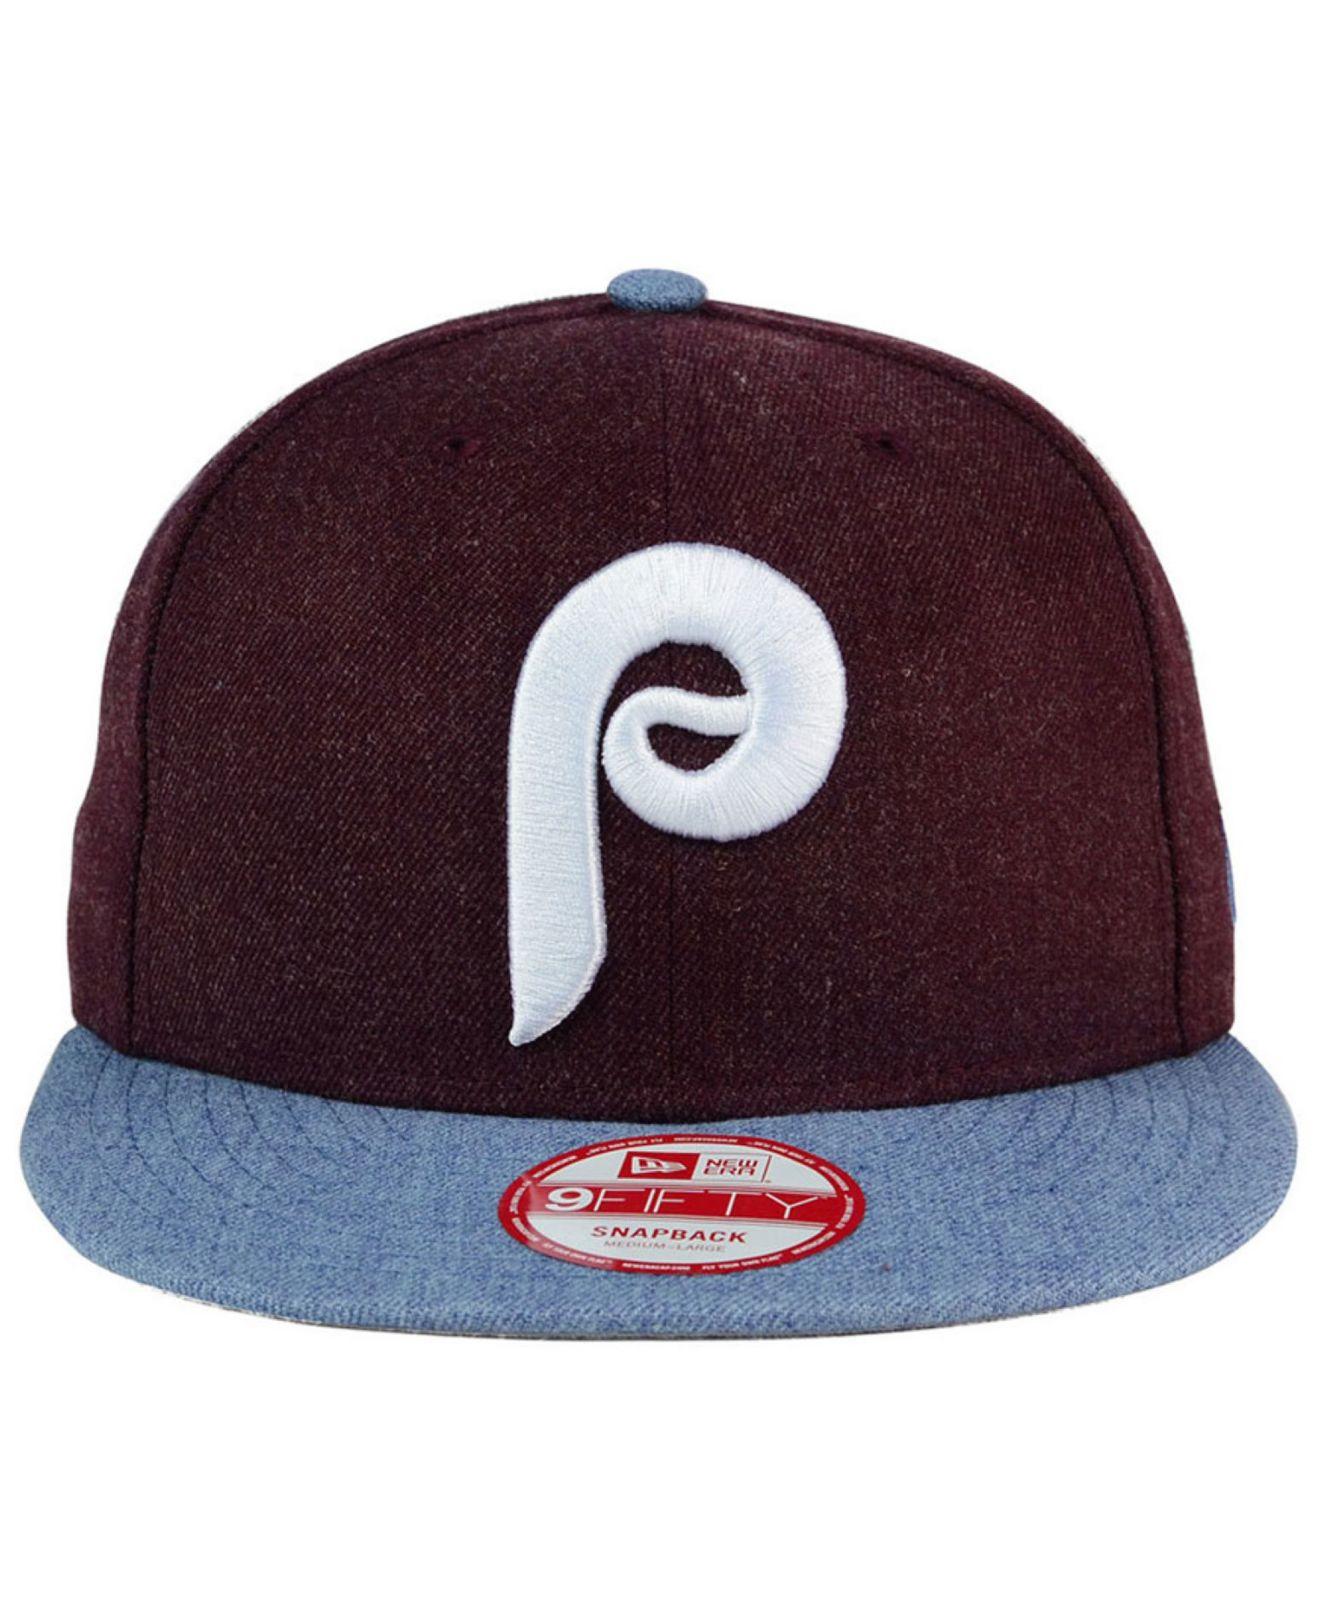 96a1fd51b7e Lyst - Ktz Philadelphia Phillies Heather Action 9fifty Snapback Cap ...